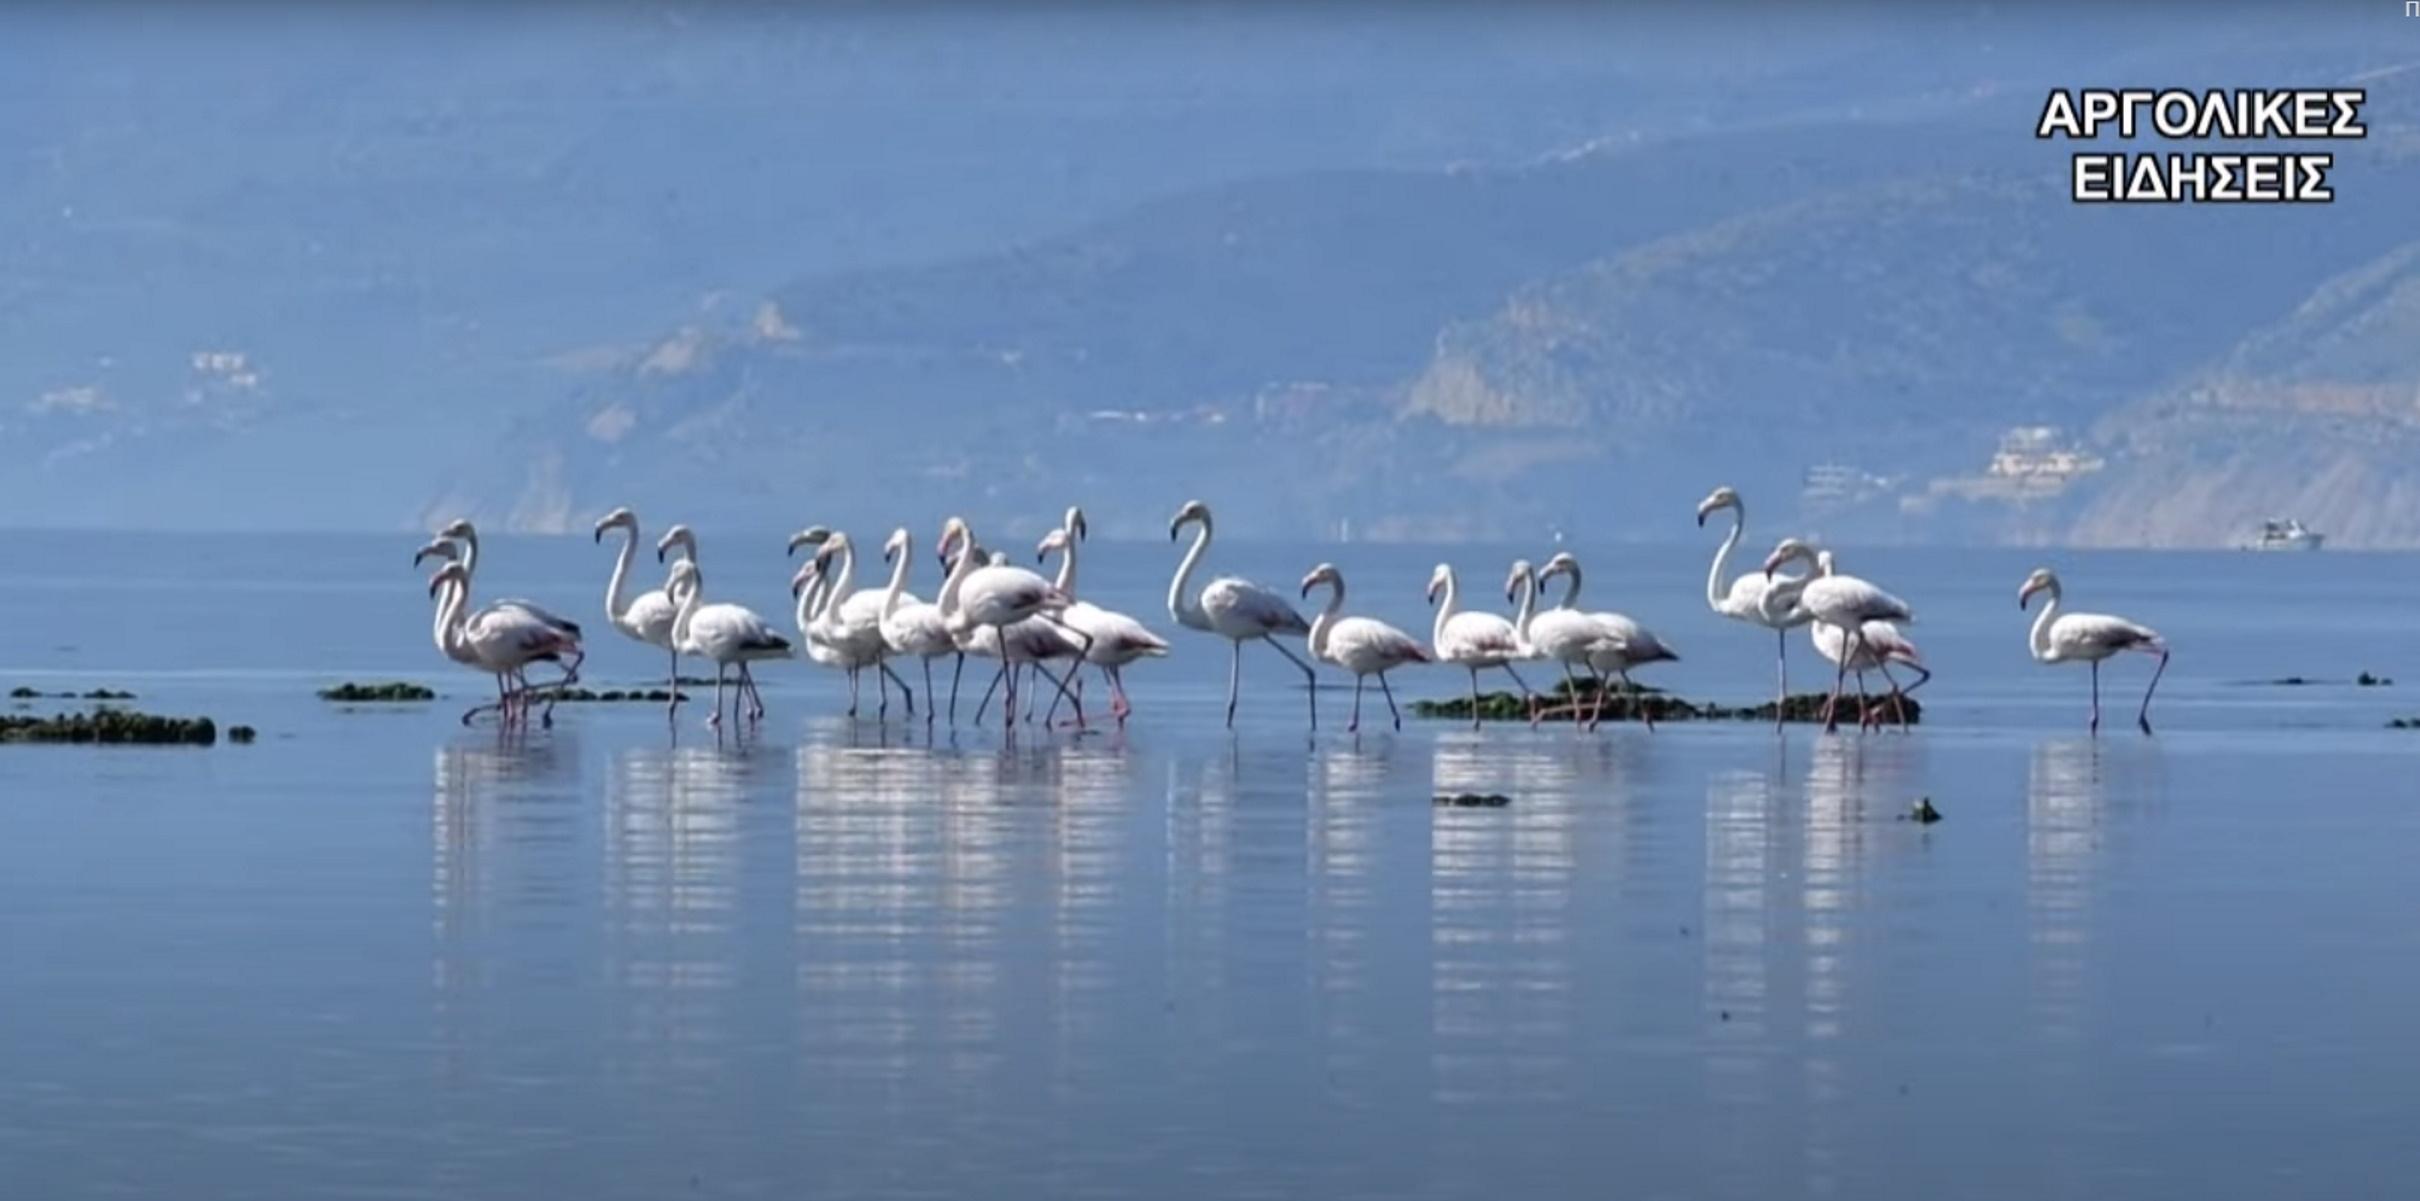 «Επέλαση» από ροζ φλαμίνγκο στο Ναύπλιο – Μαγικά πλάνα